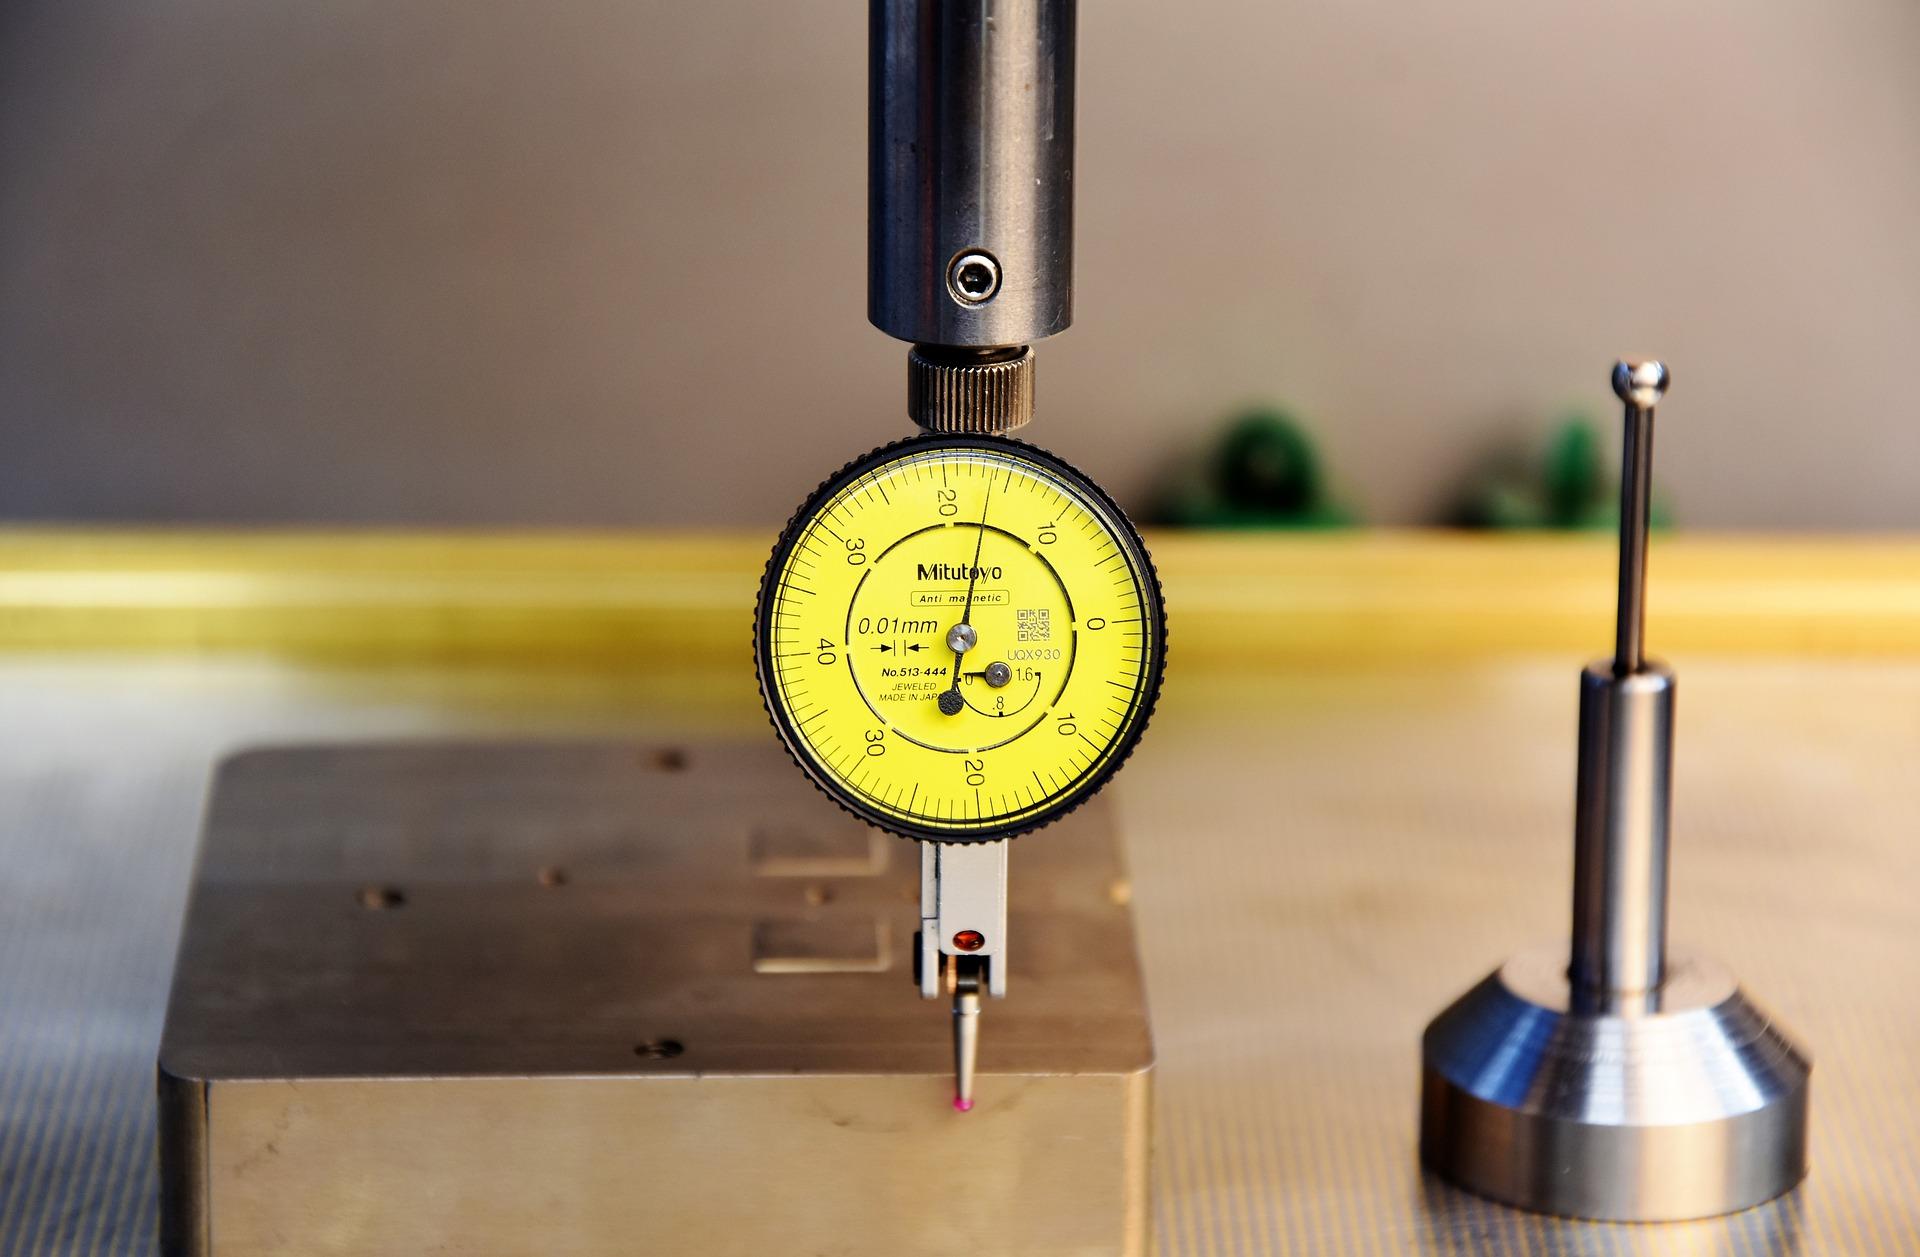 gauge-3081407_1920.jpg